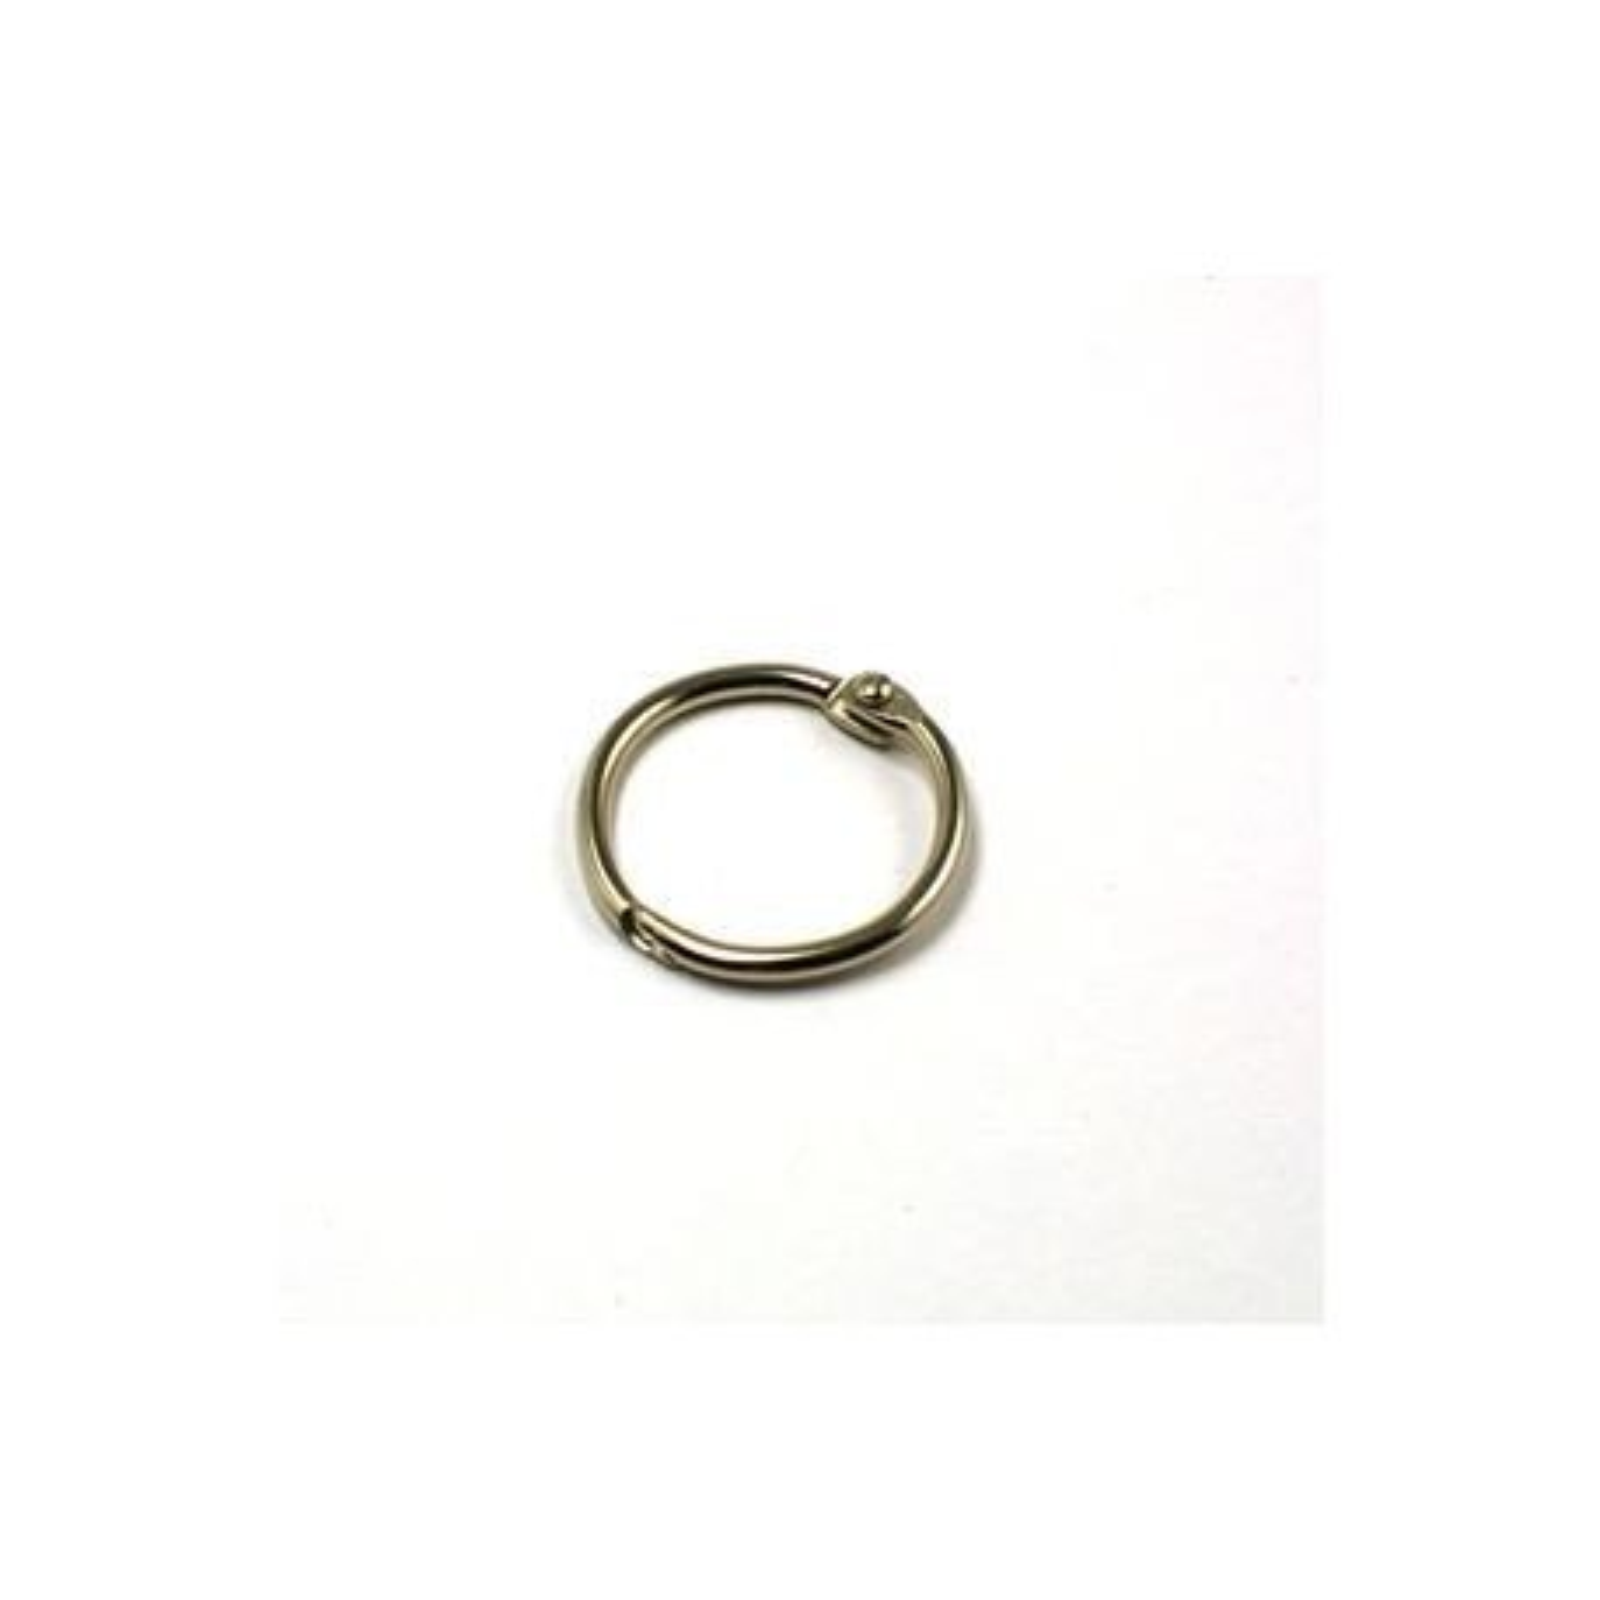 Anneau brisé - Diamètre 32 mm - Argent - Ephemeria